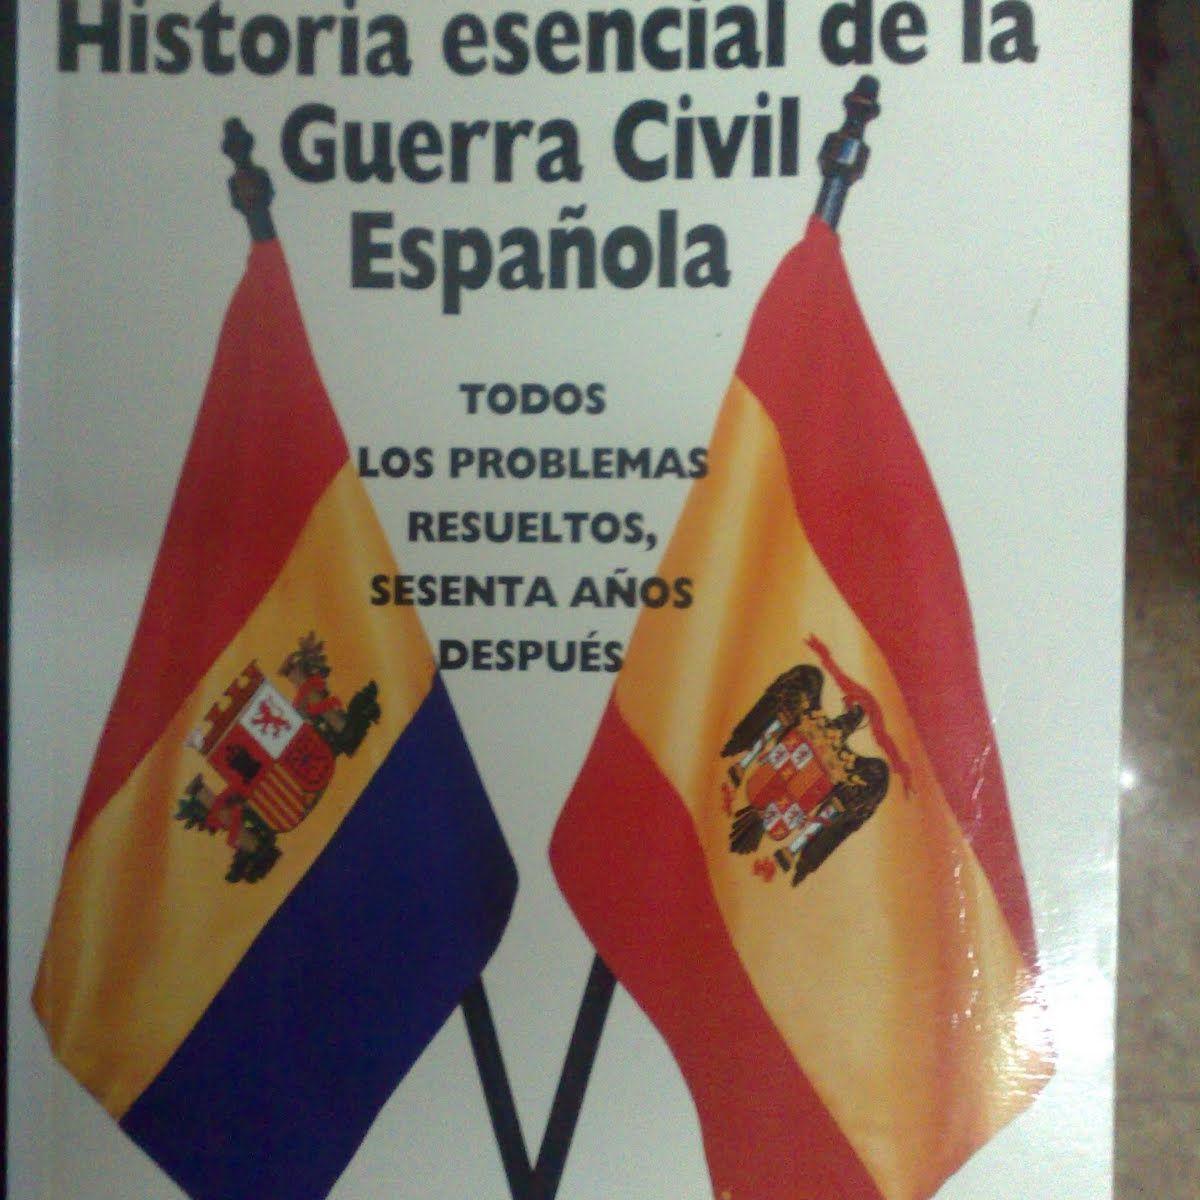 Historia esencial de la Guerra civil espanola de Ricardo de la Cierva